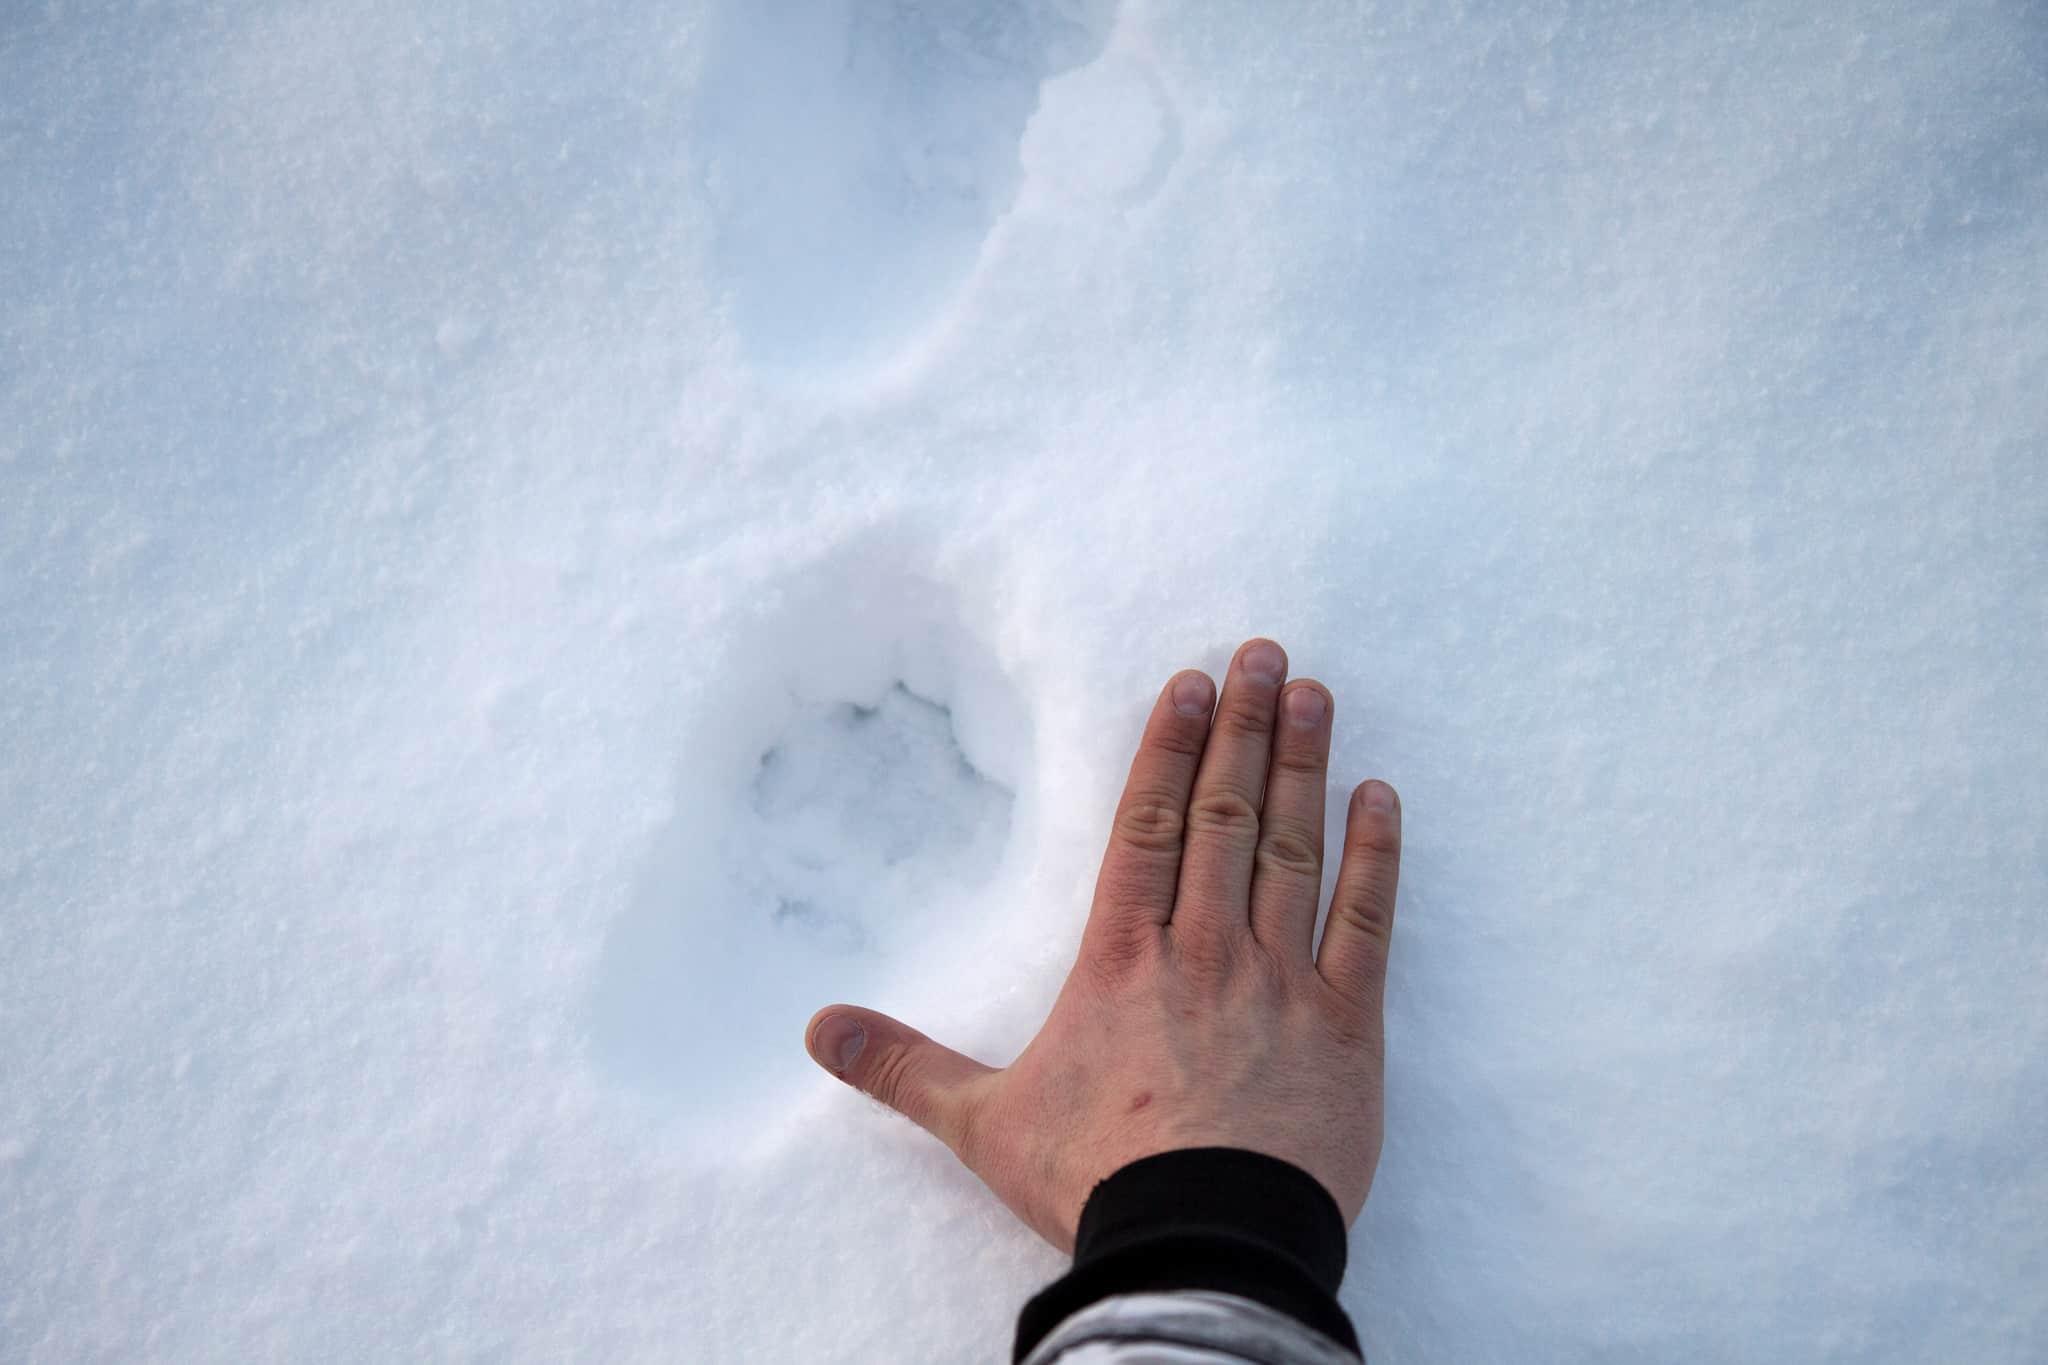 Licensjakten på lodjur i Norrbotten är stoppad efter att Naturvårdsverket underkänt länsstyrelsens beslut. Foto: Olle Olsson